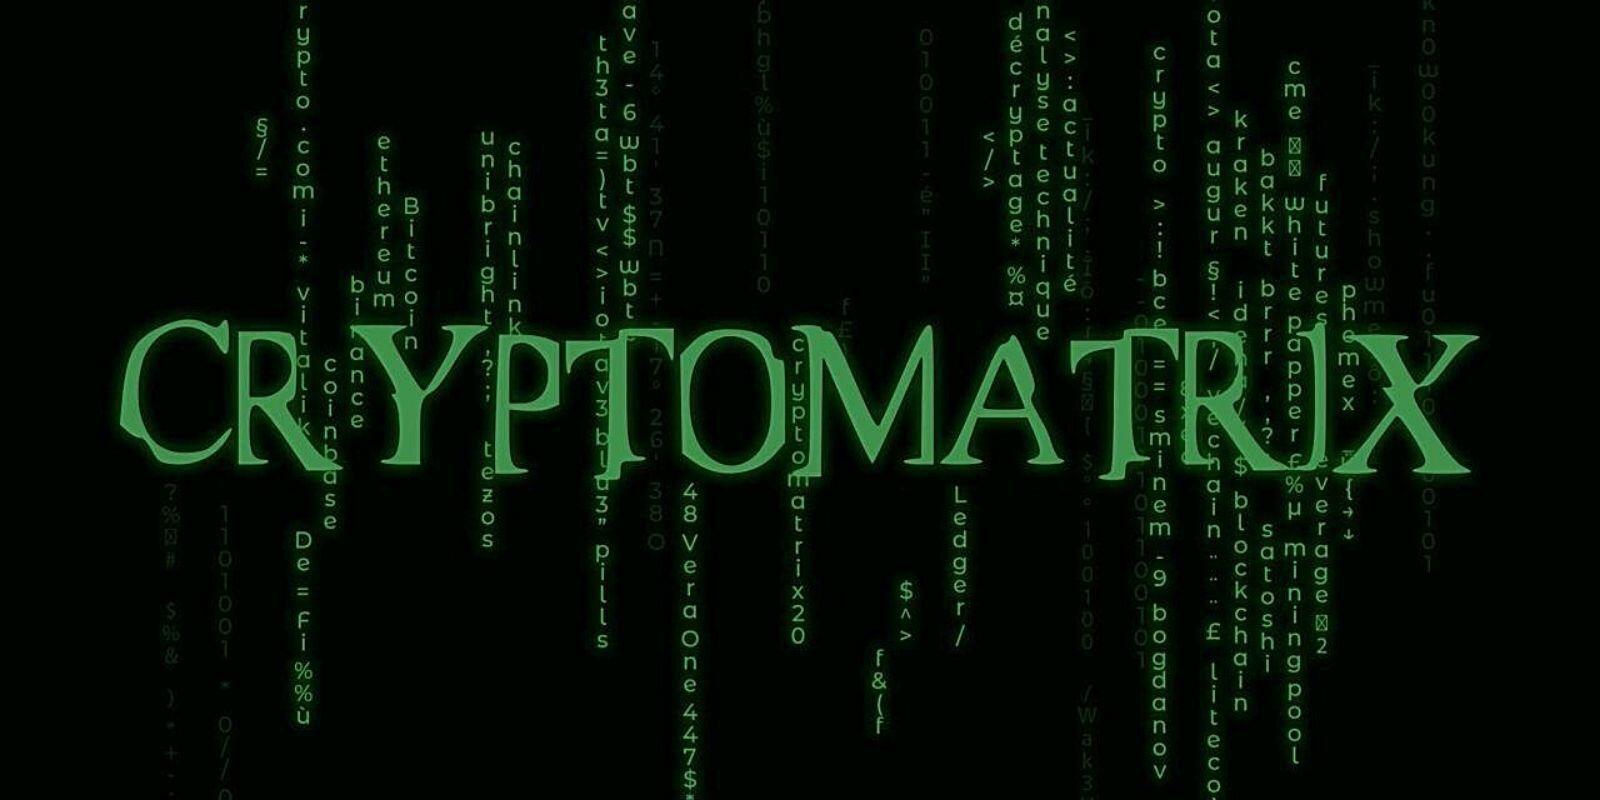 CryptoMatrix crée un NFT à l'effigie de sa chaîne, et c'est un franc succès